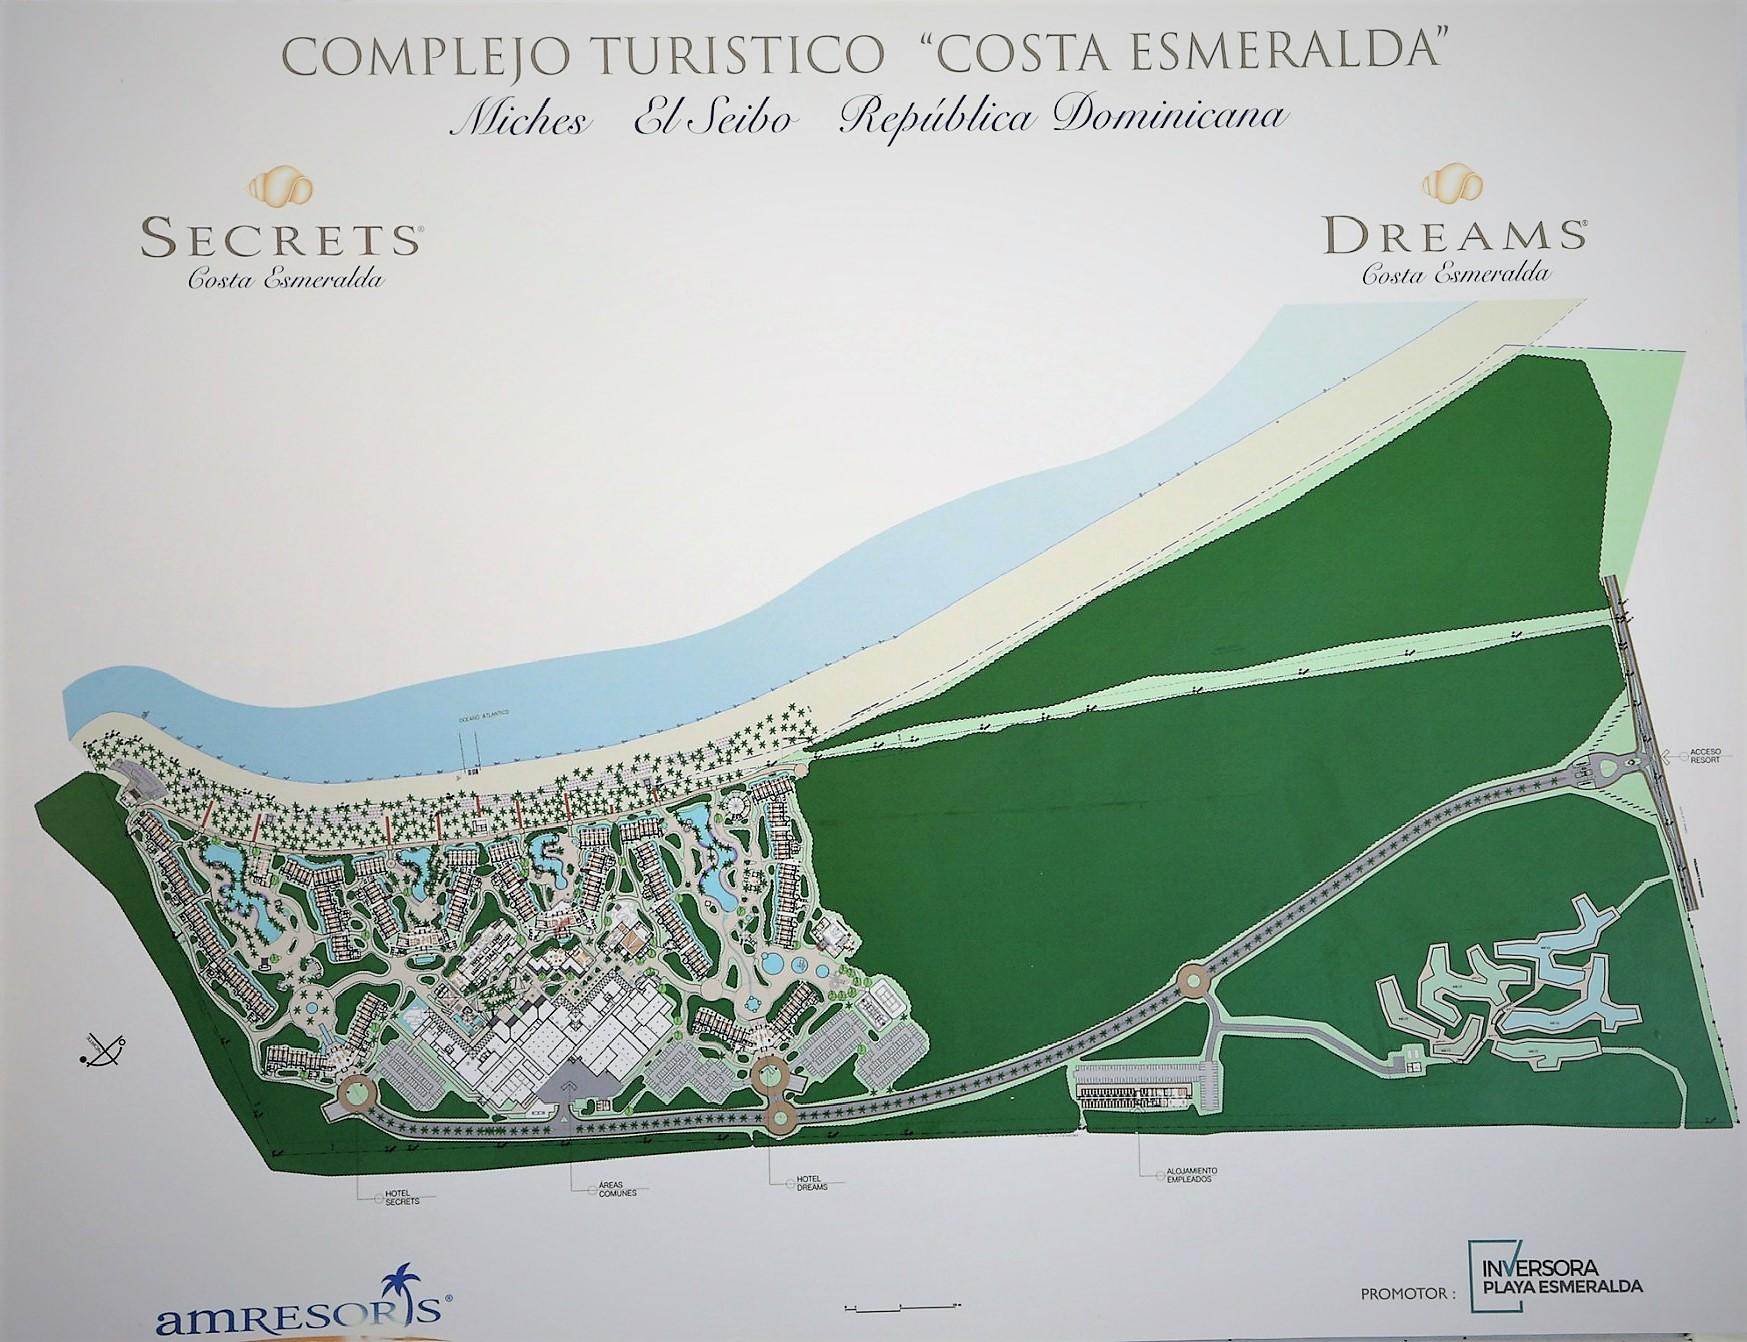 El complejo de hoteles Secrets Playa Esmeralda Punta Cana y Dreams justo sobre la línea de la playa Esmeralda Punta Cana, en Miches.